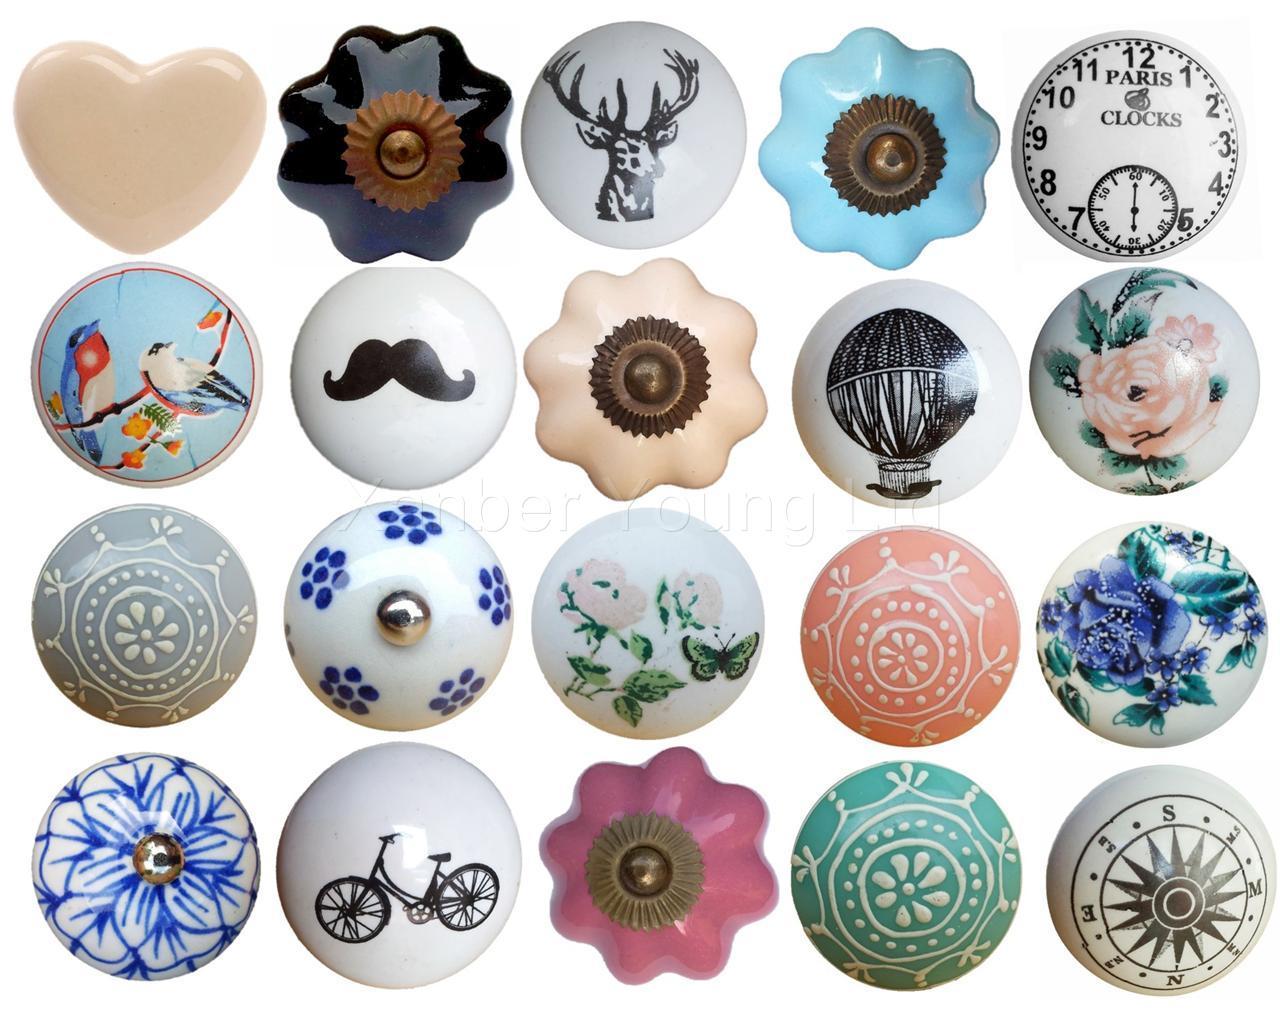 ceramic flower round drawer knob pull handle door cabinet knobs